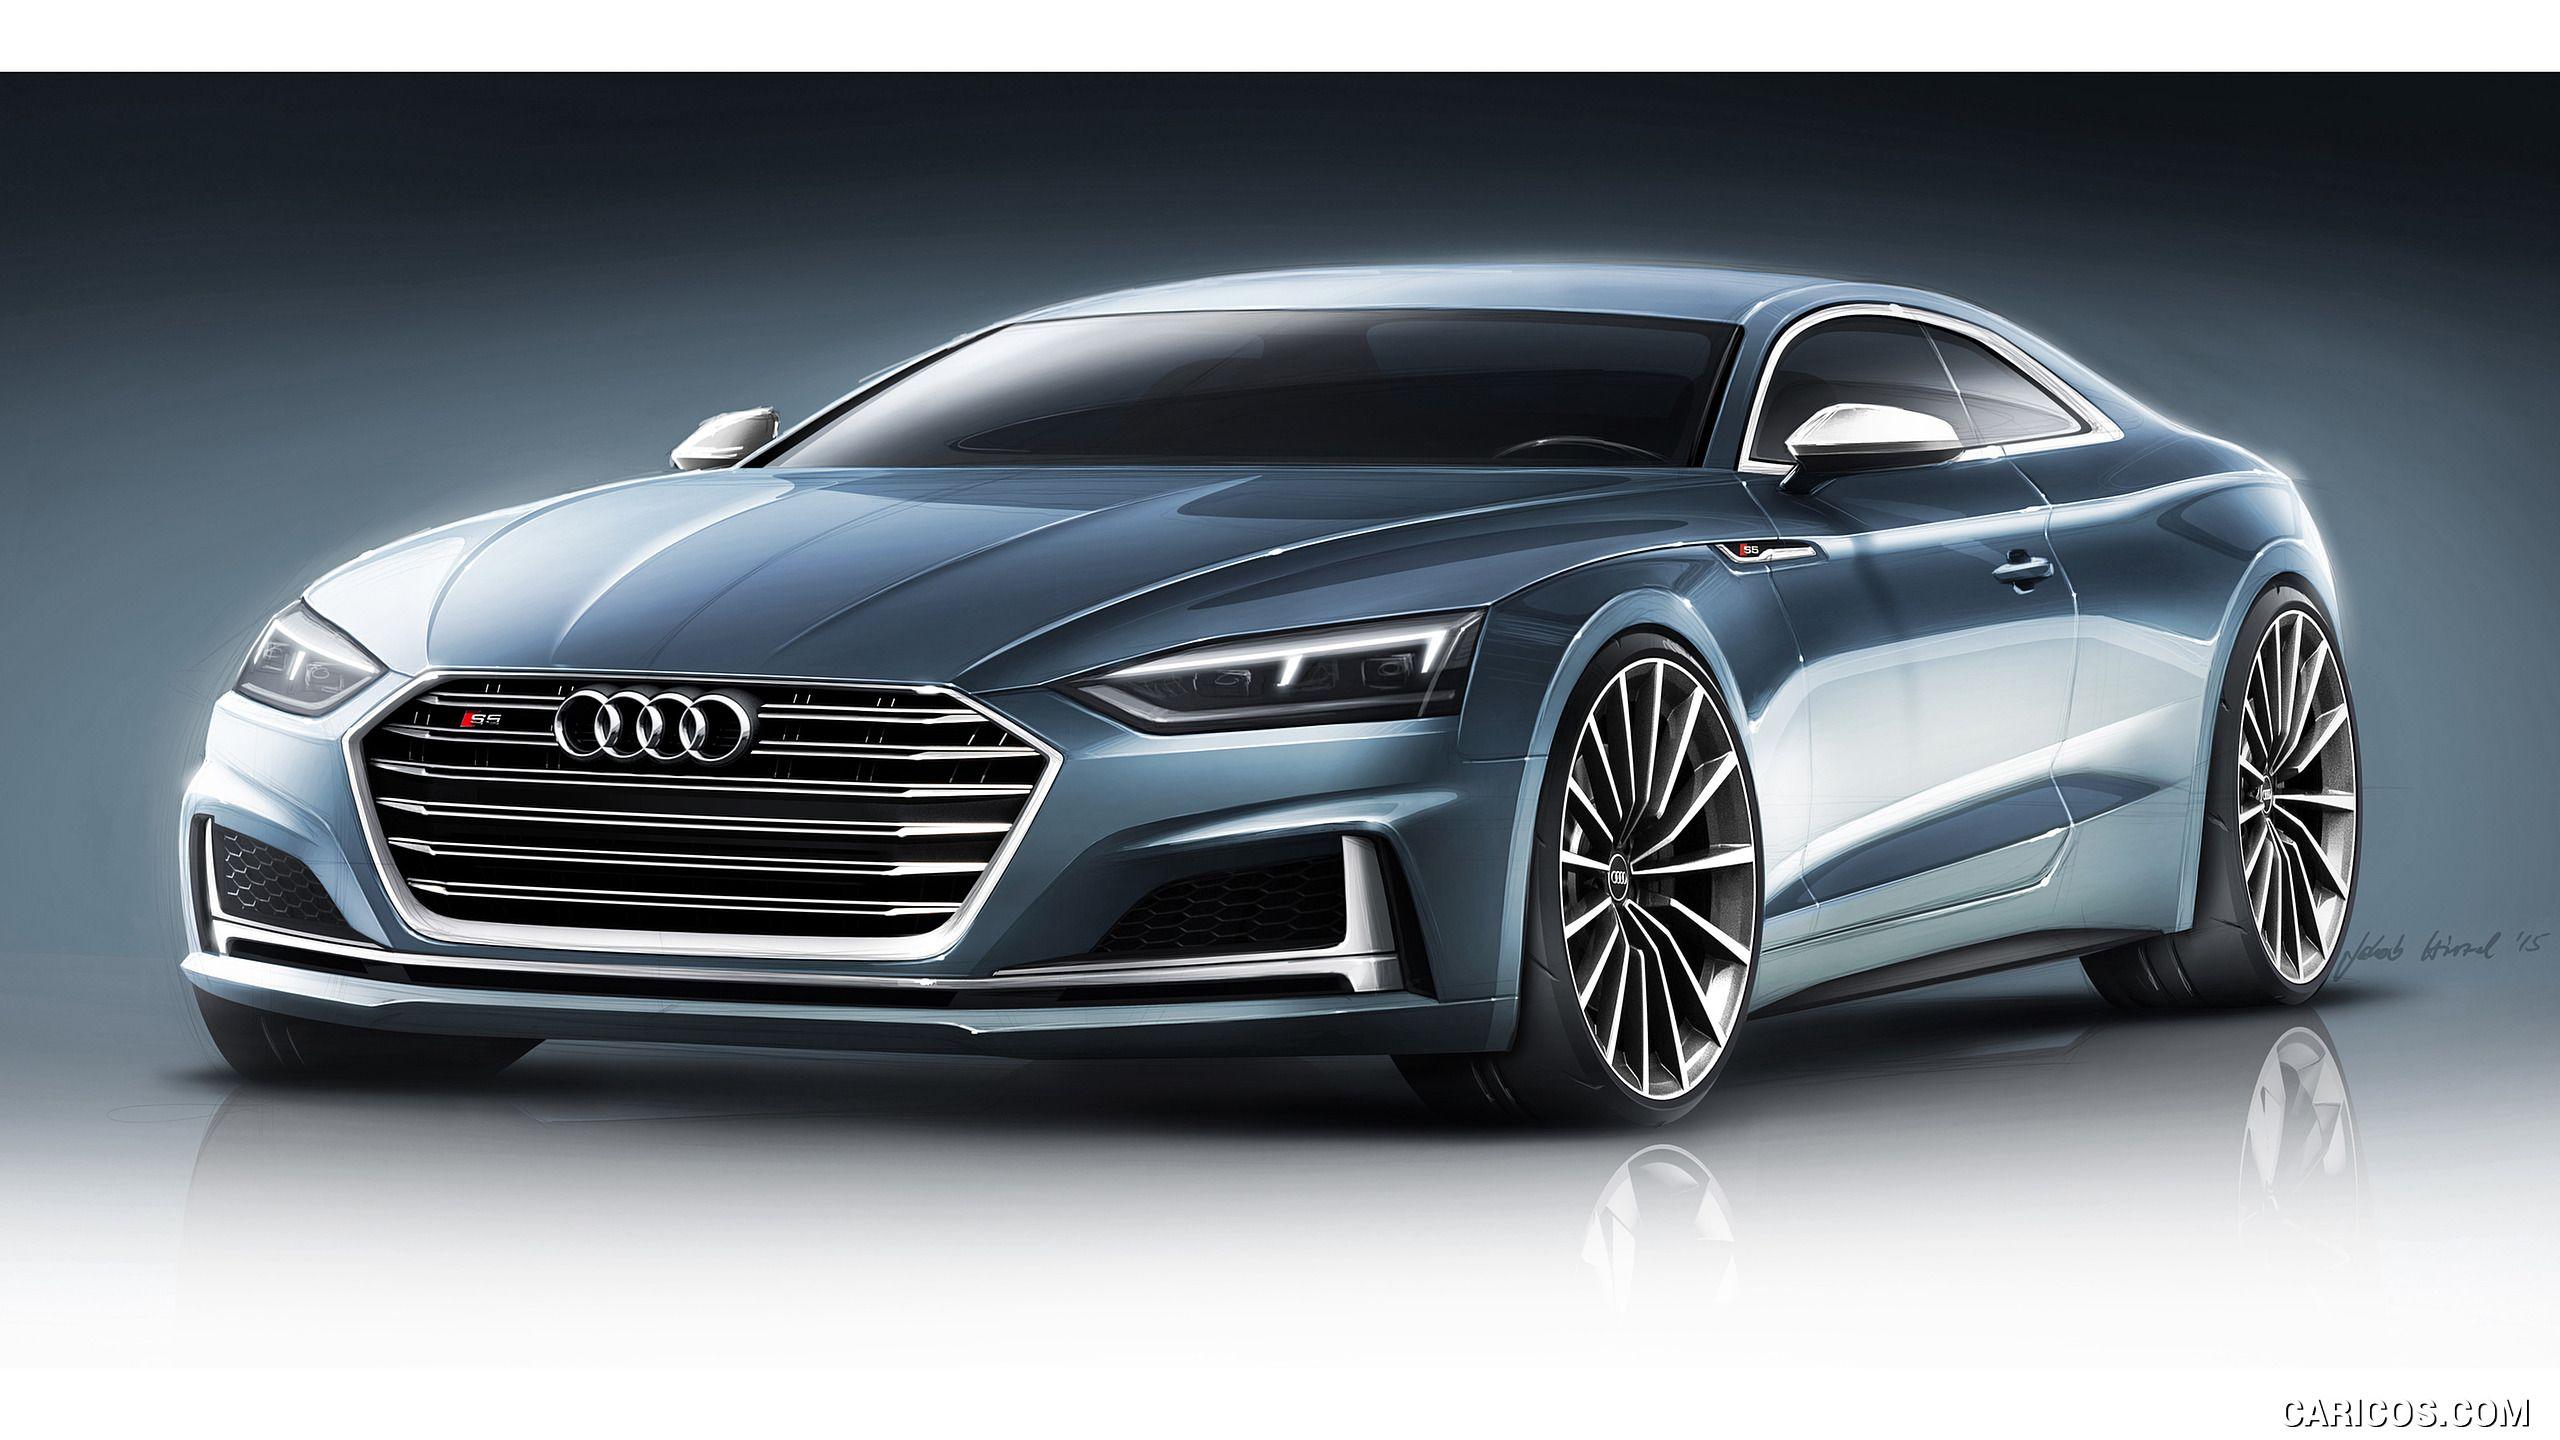 2018 Audi S5 Coupe Wallpaper Automotive Design Audi S5 Concept